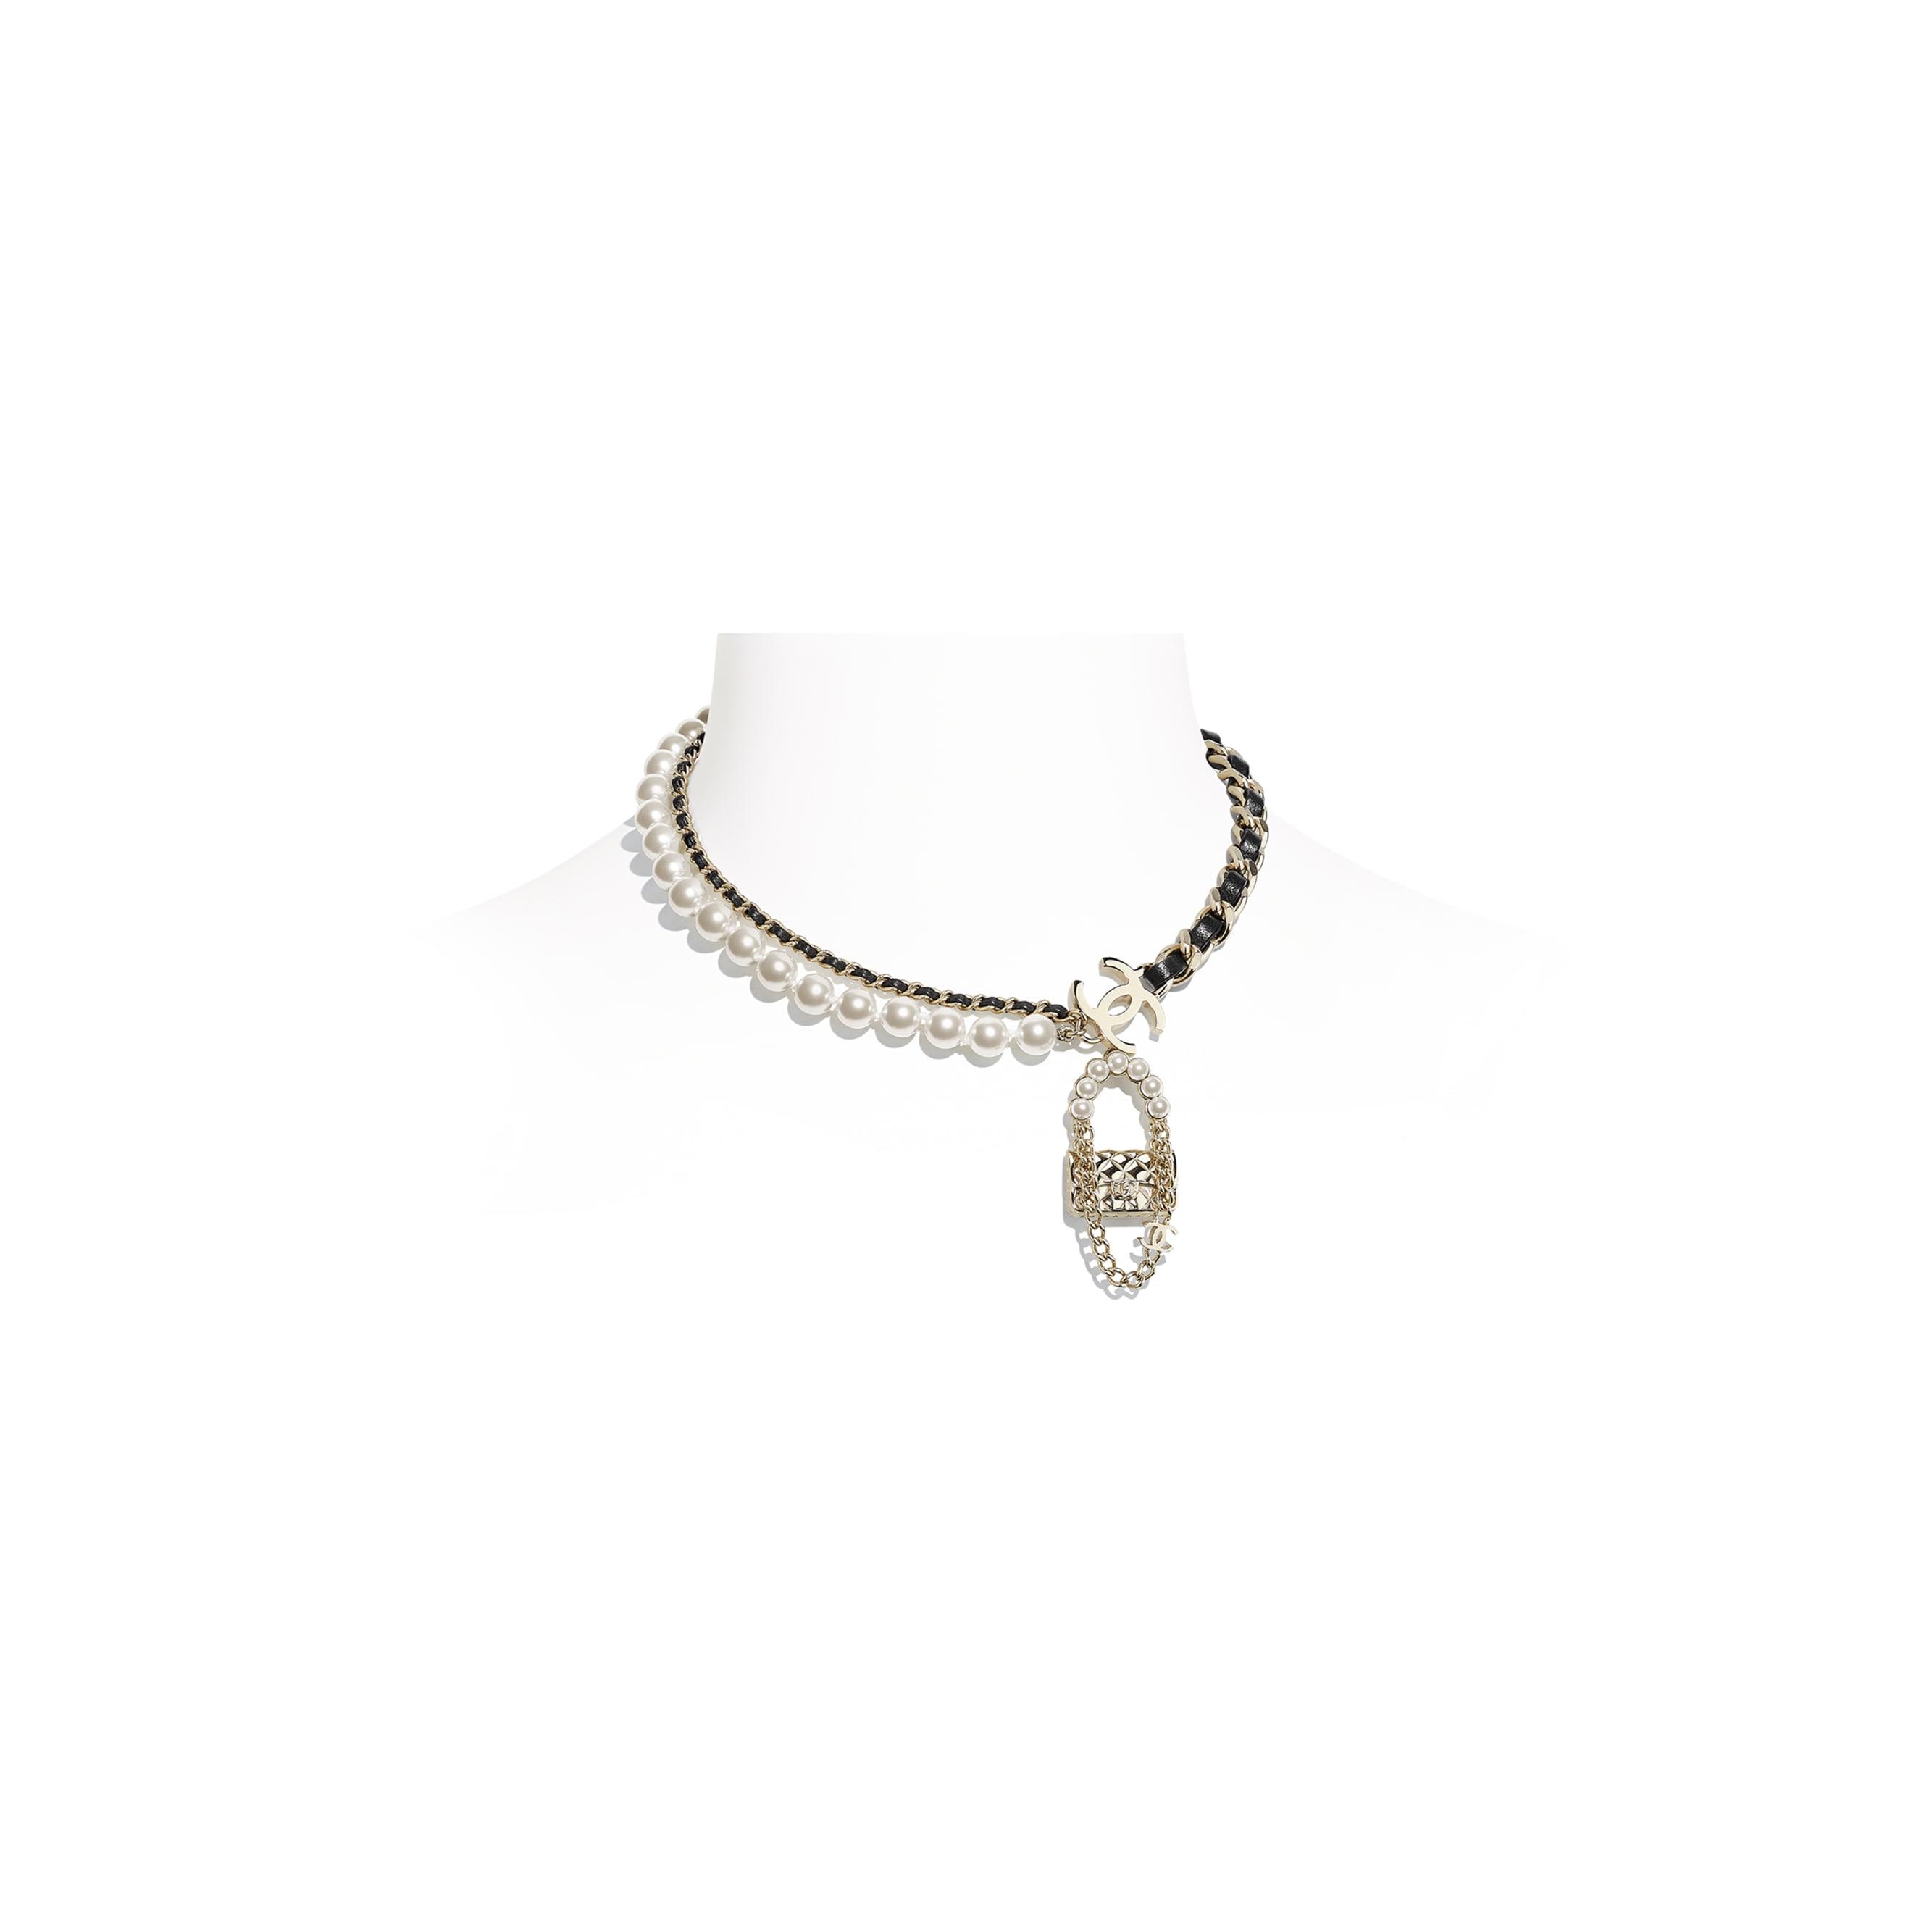 Collana - Oro, nero & bianco perlato - Metallo, pelle di agnello & perle in pasta di vetro - CHANEL - Immagine predefinita - vedere versione standard